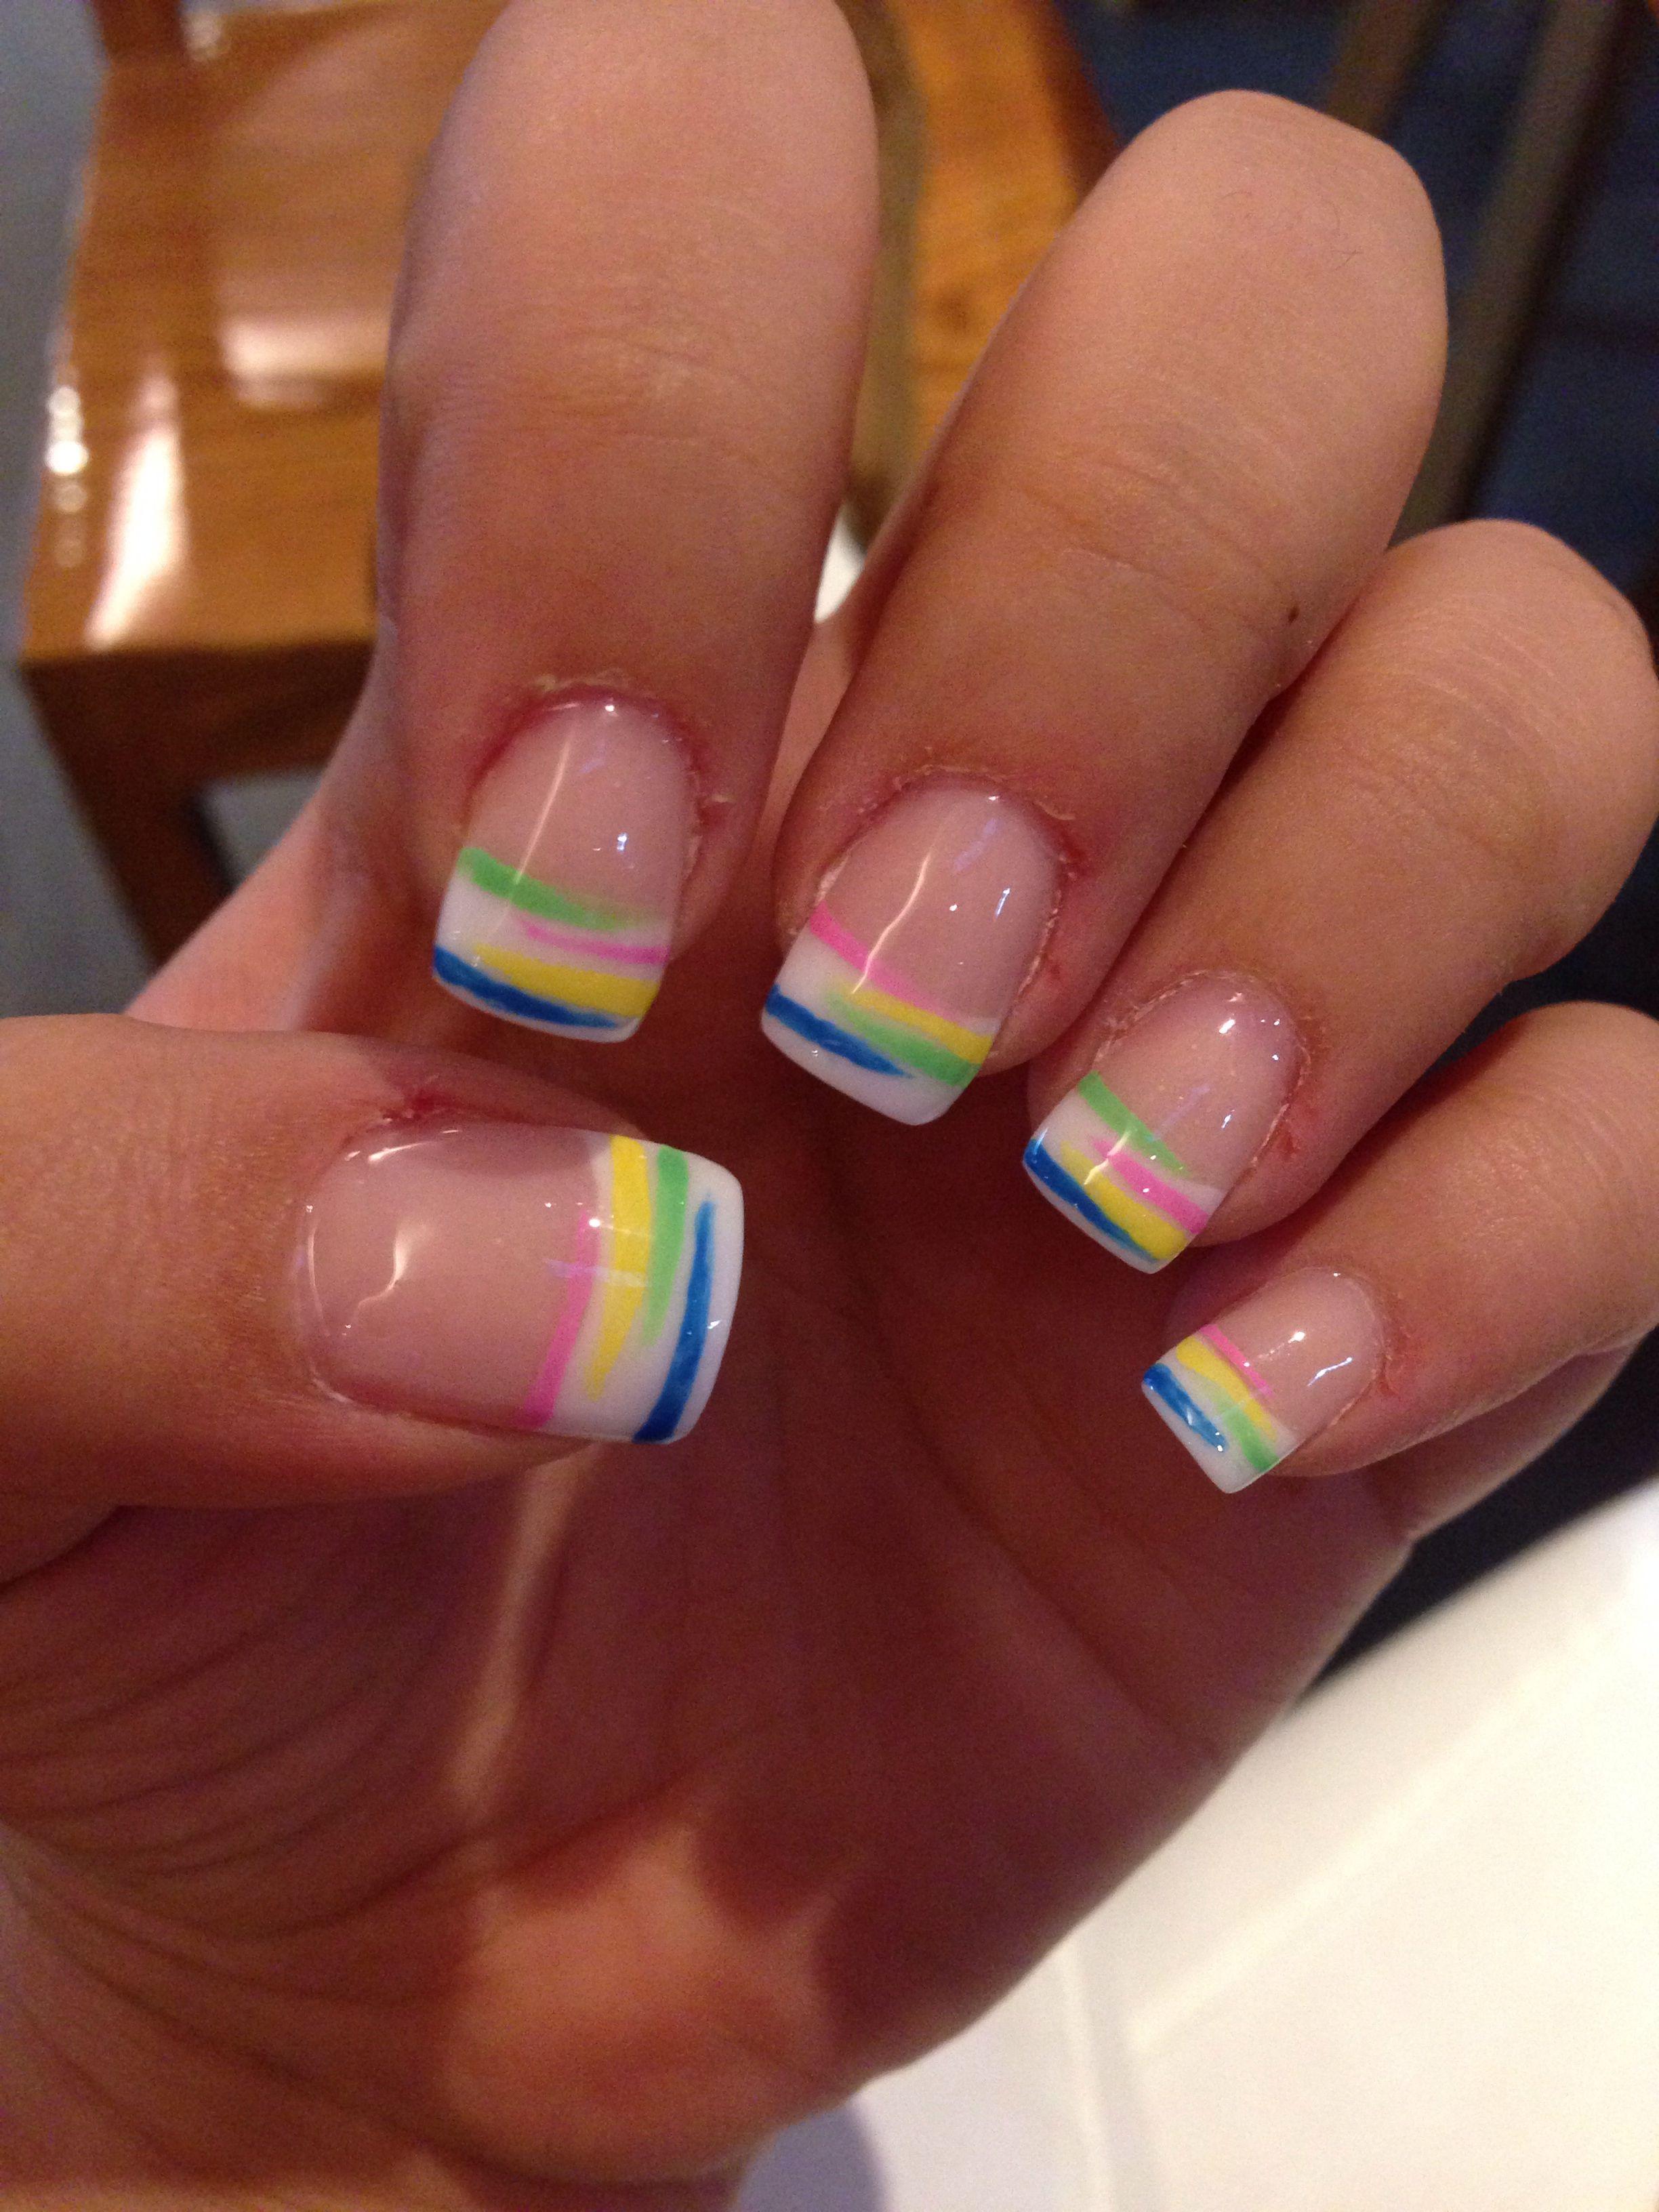 Summer french acrylic nails #nail #art #french #colors | nails ...